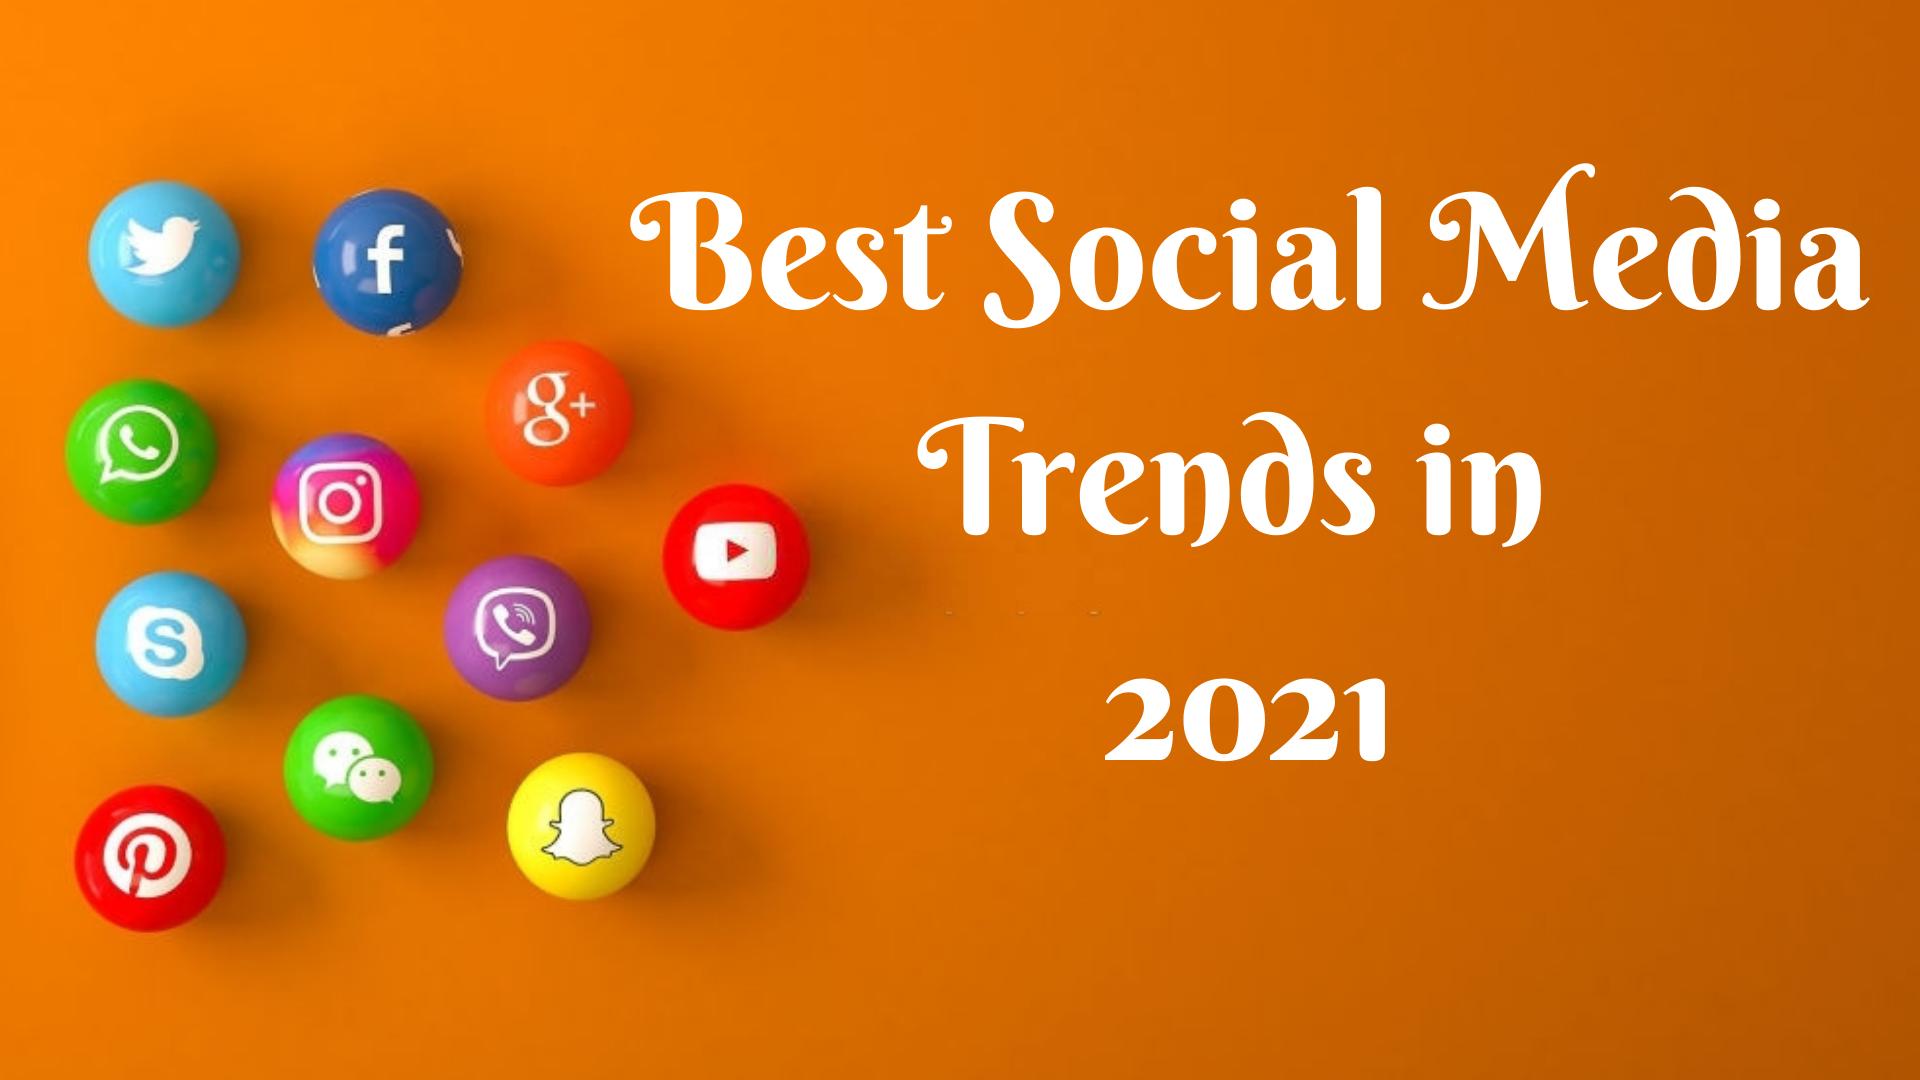 Best Social Media Trends in 2021 - Best  Social Media Trends in 2021